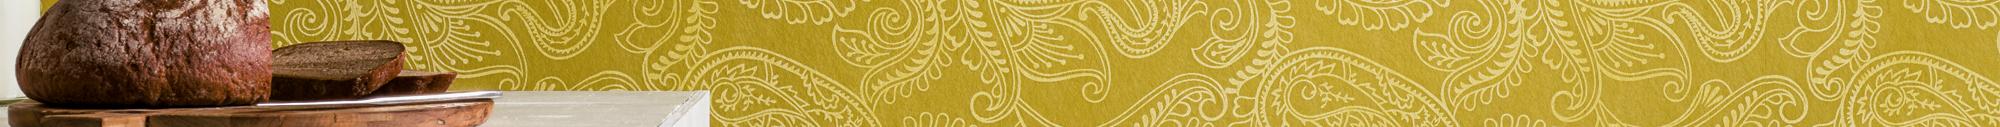 Slider Innenbereich von Oskar Seus Wand mit gelbem Paisley Muster